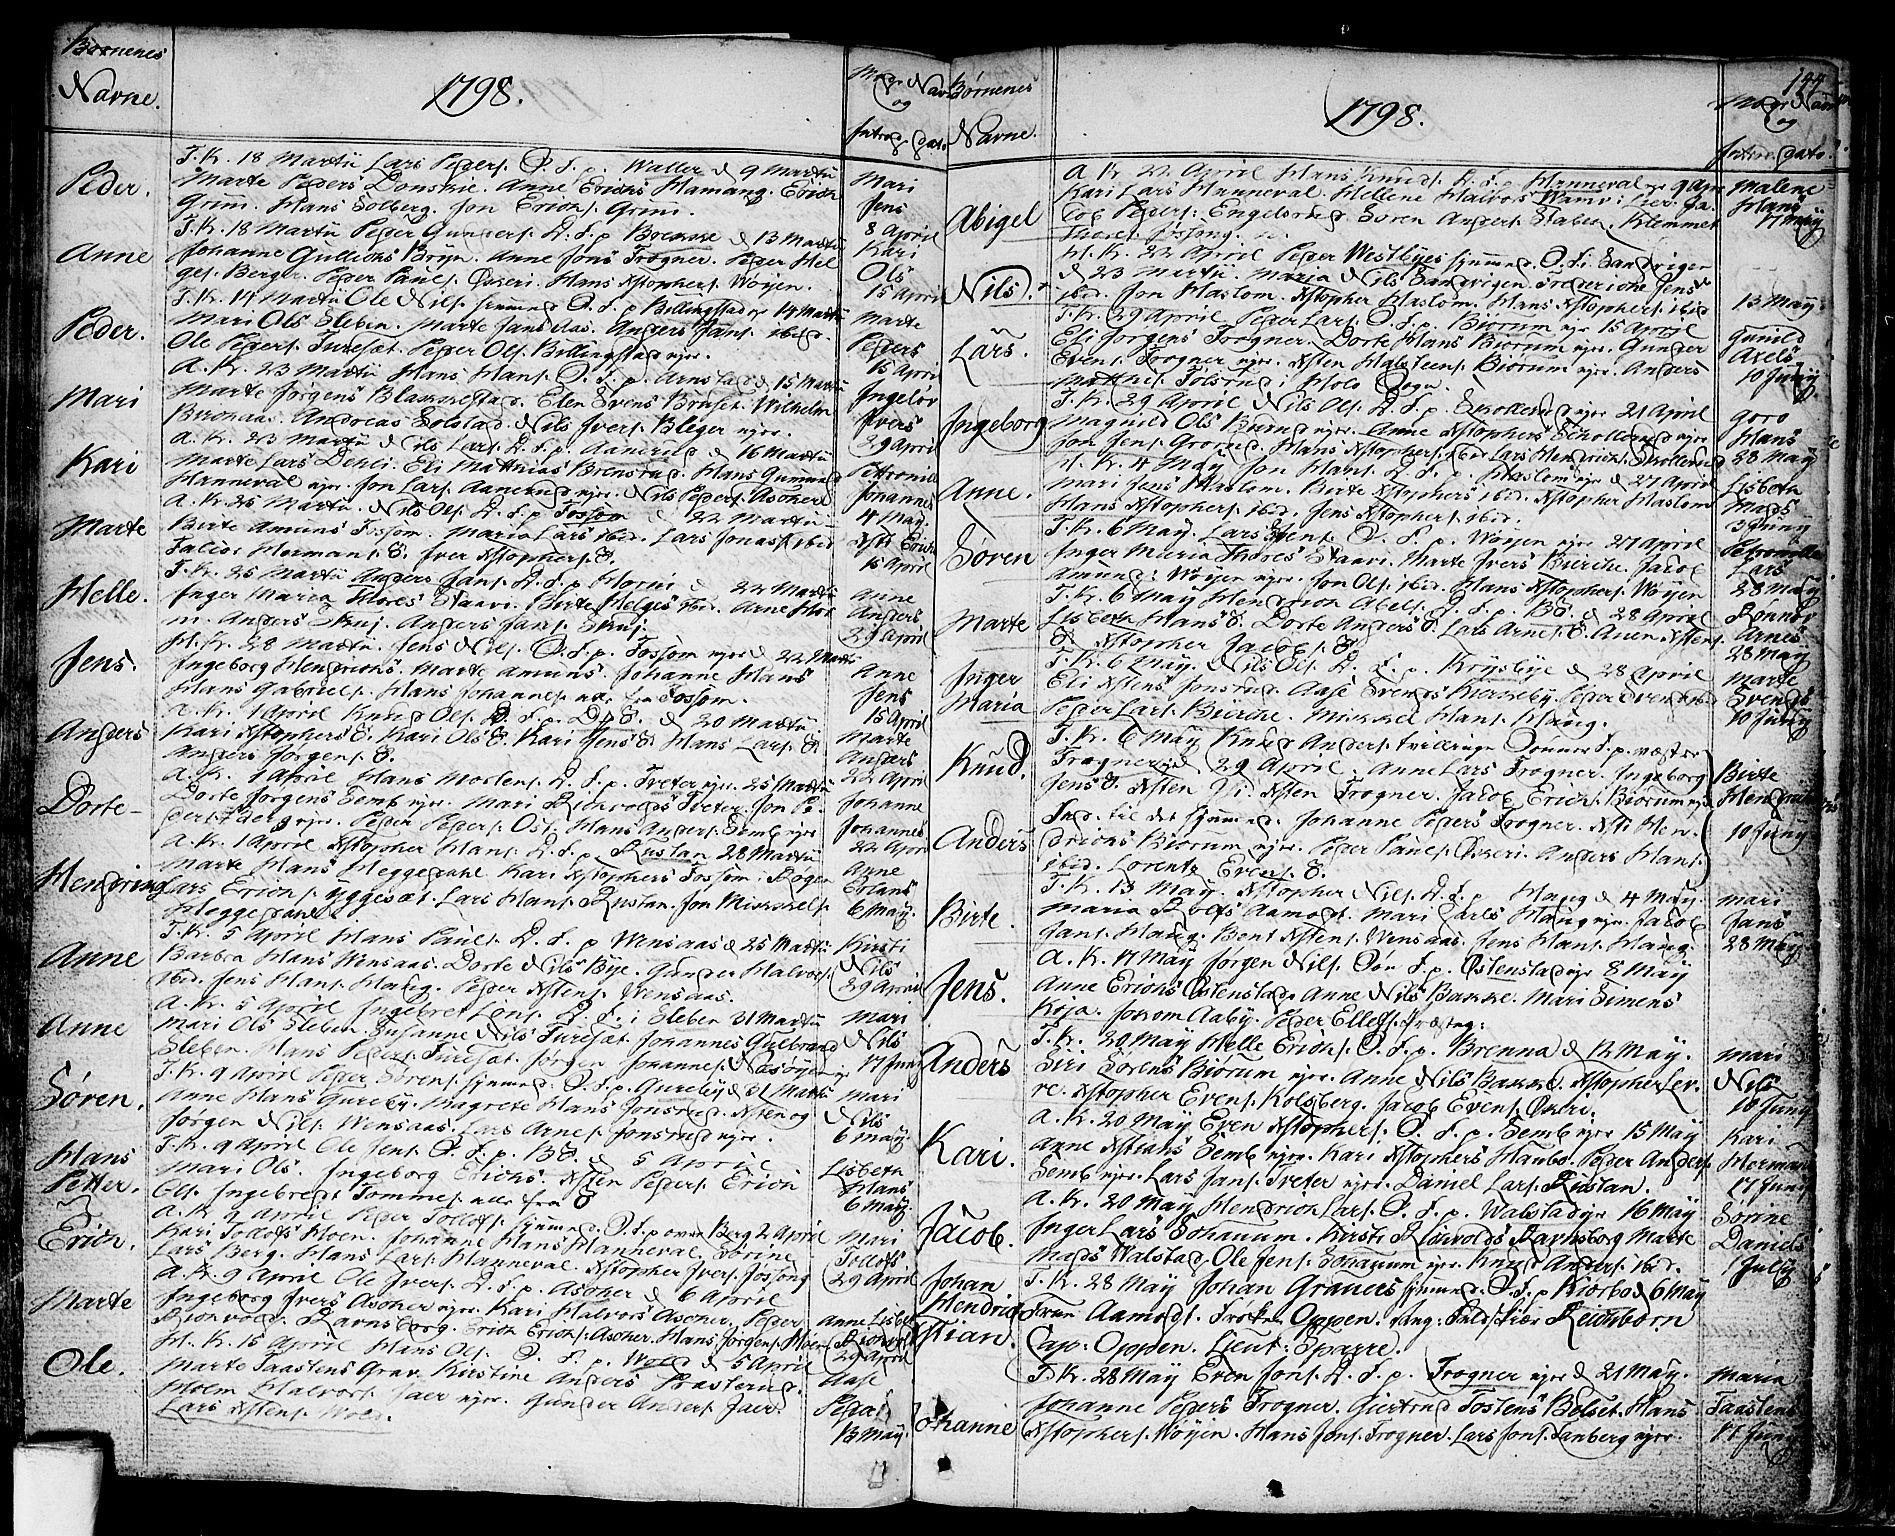 SAO, Asker prestekontor Kirkebøker, F/Fa/L0003: Ministerialbok nr. I 3, 1767-1807, s. 144